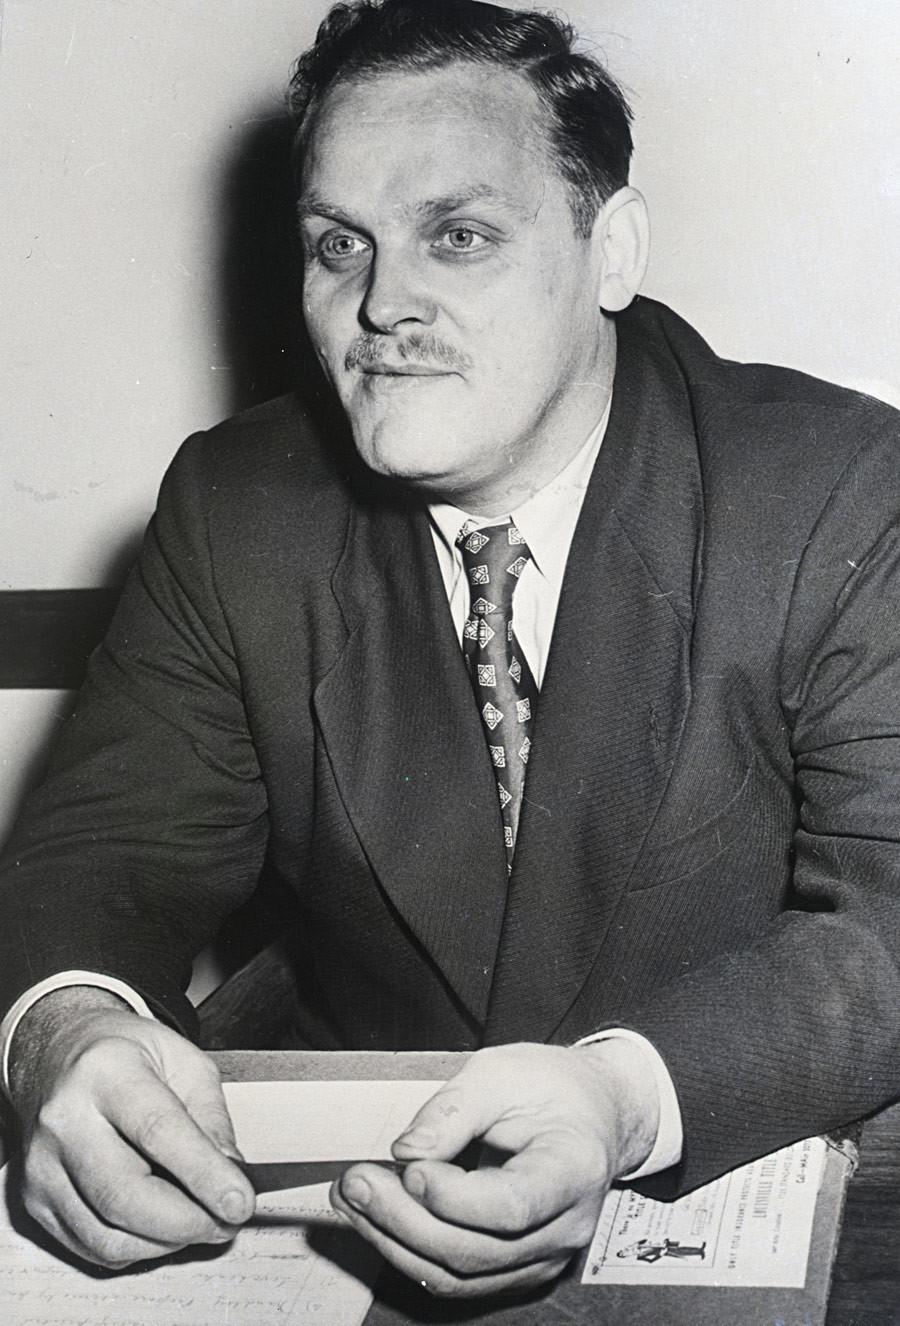 Gus Hall, američki komunist koji je na čelu Komunističke partije SAD-a bio od 1959. do 2000.